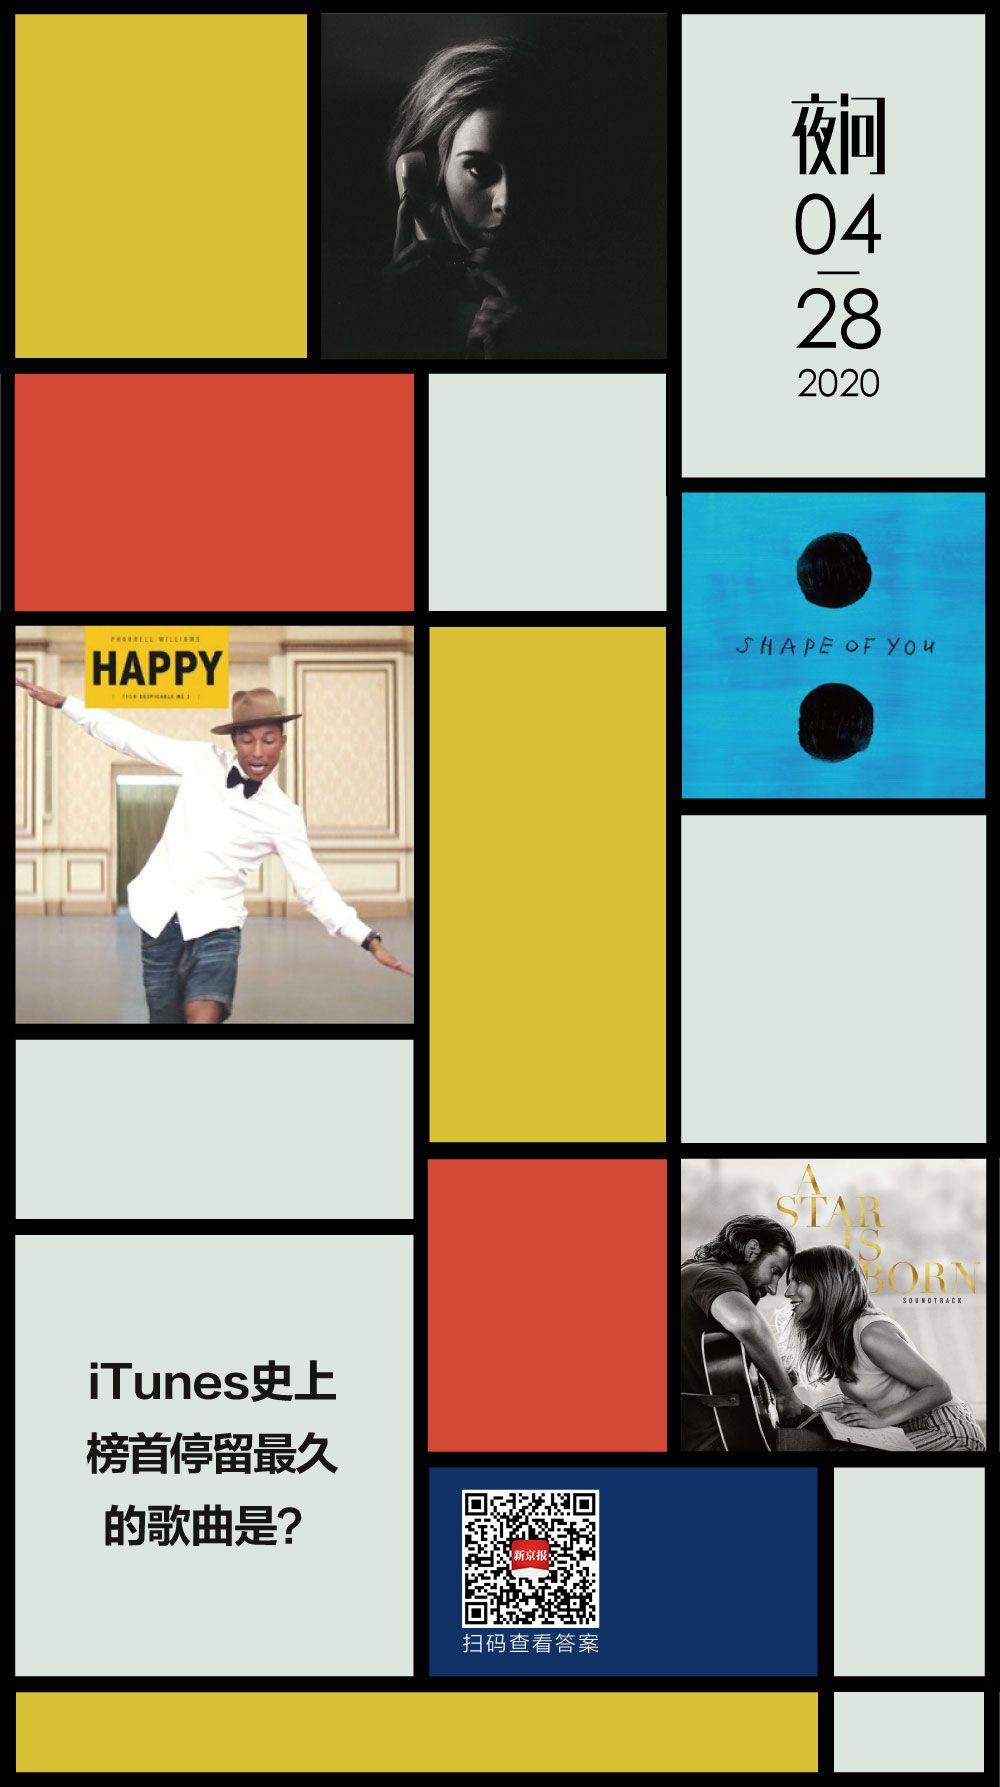 【摩天平台】为摩天平台全球流行音乐指出风向图片